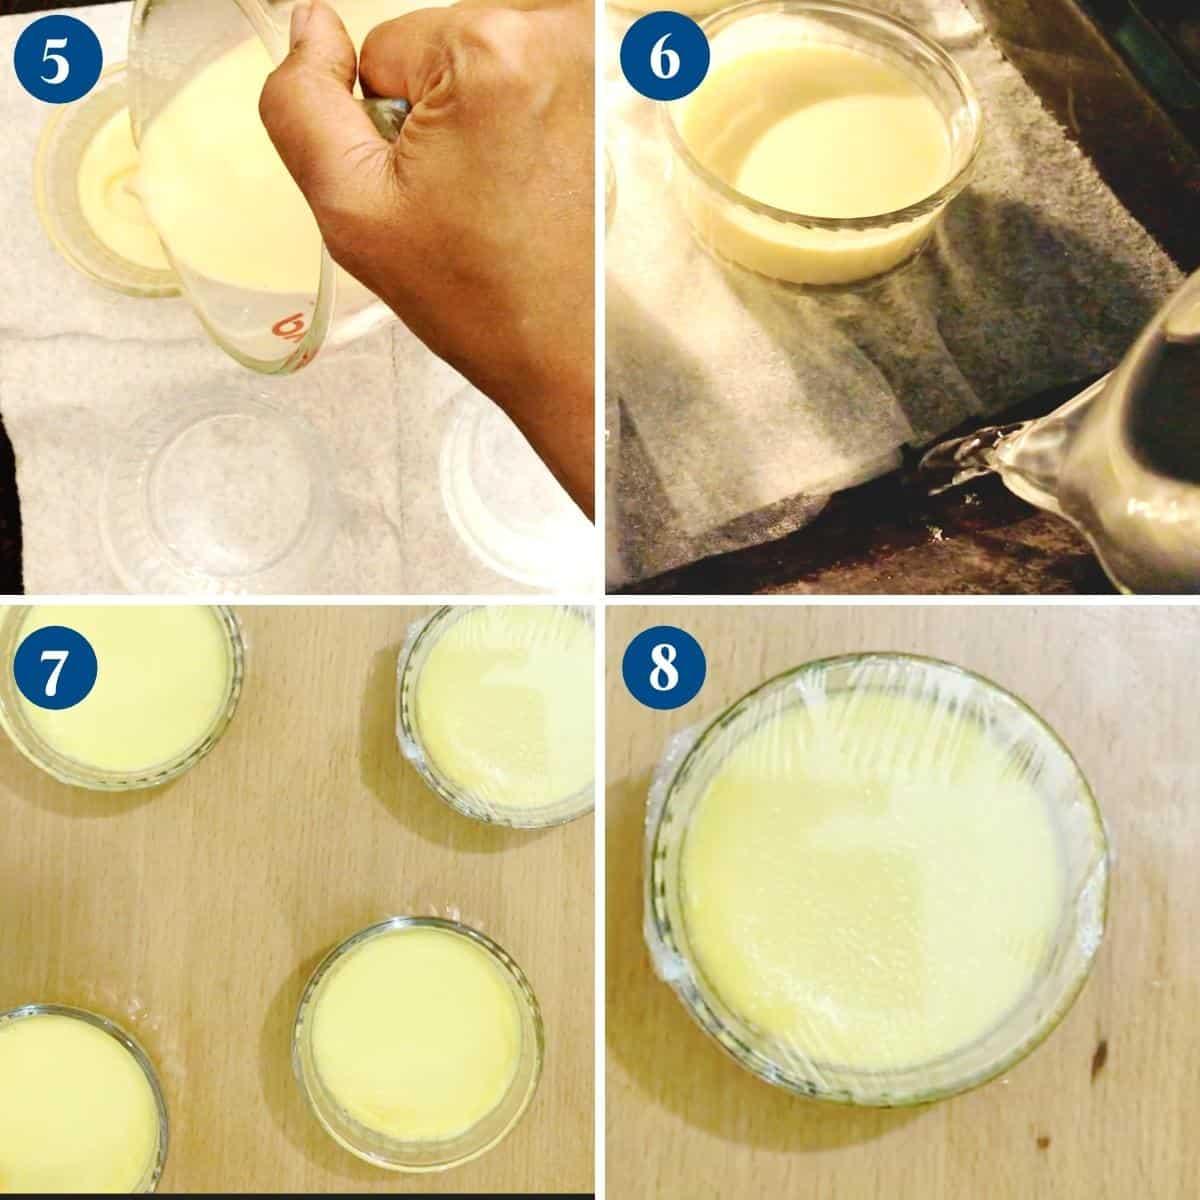 Progress pictures for baking brulee dessert.